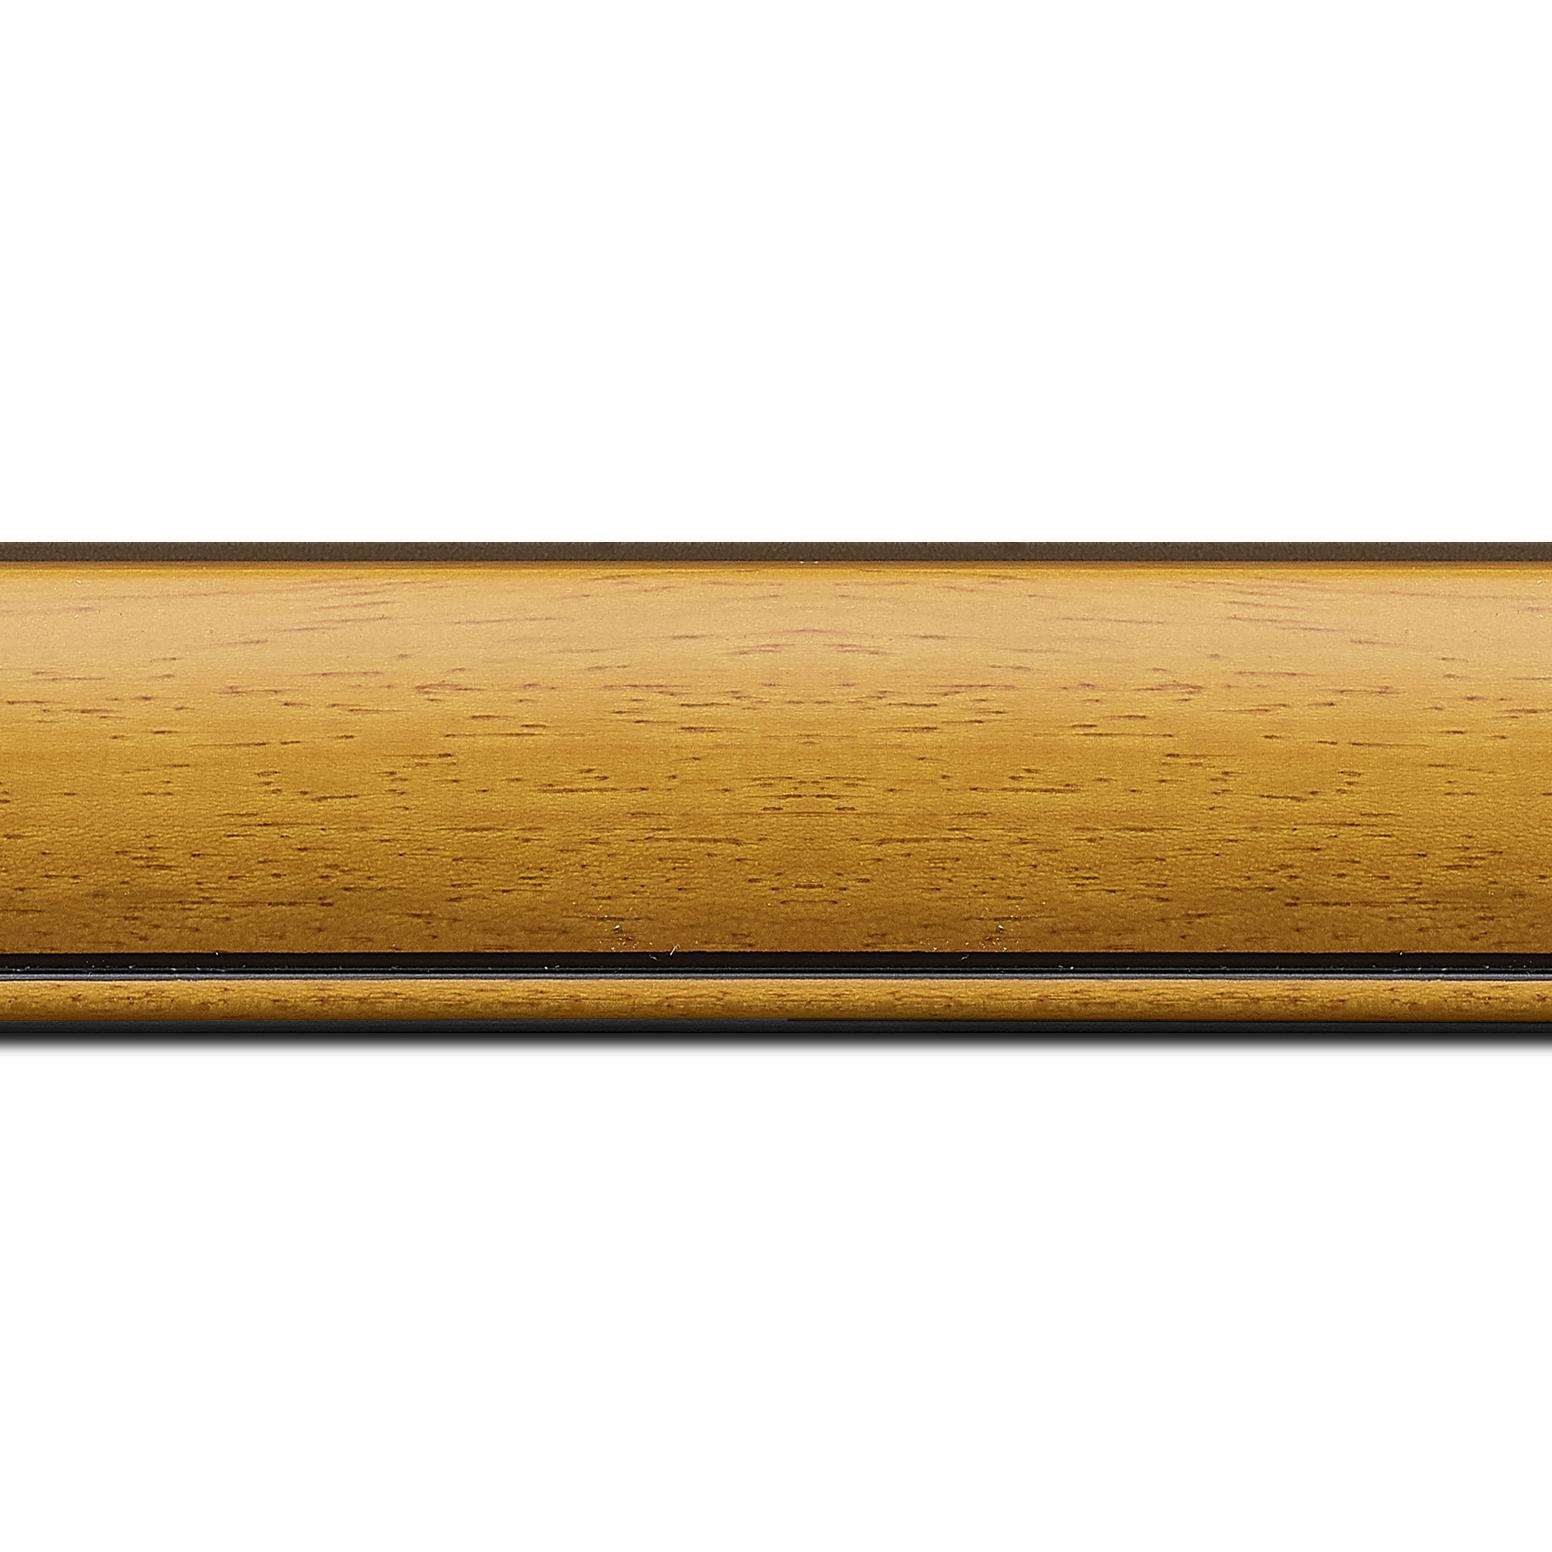 Pack par 12m, bois profil arrondi largeur 4.7cm couleur jaune tournesol satiné rehaussé d'un filet noir(longueur baguette pouvant varier entre 2.40m et 3m selon arrivage des bois)